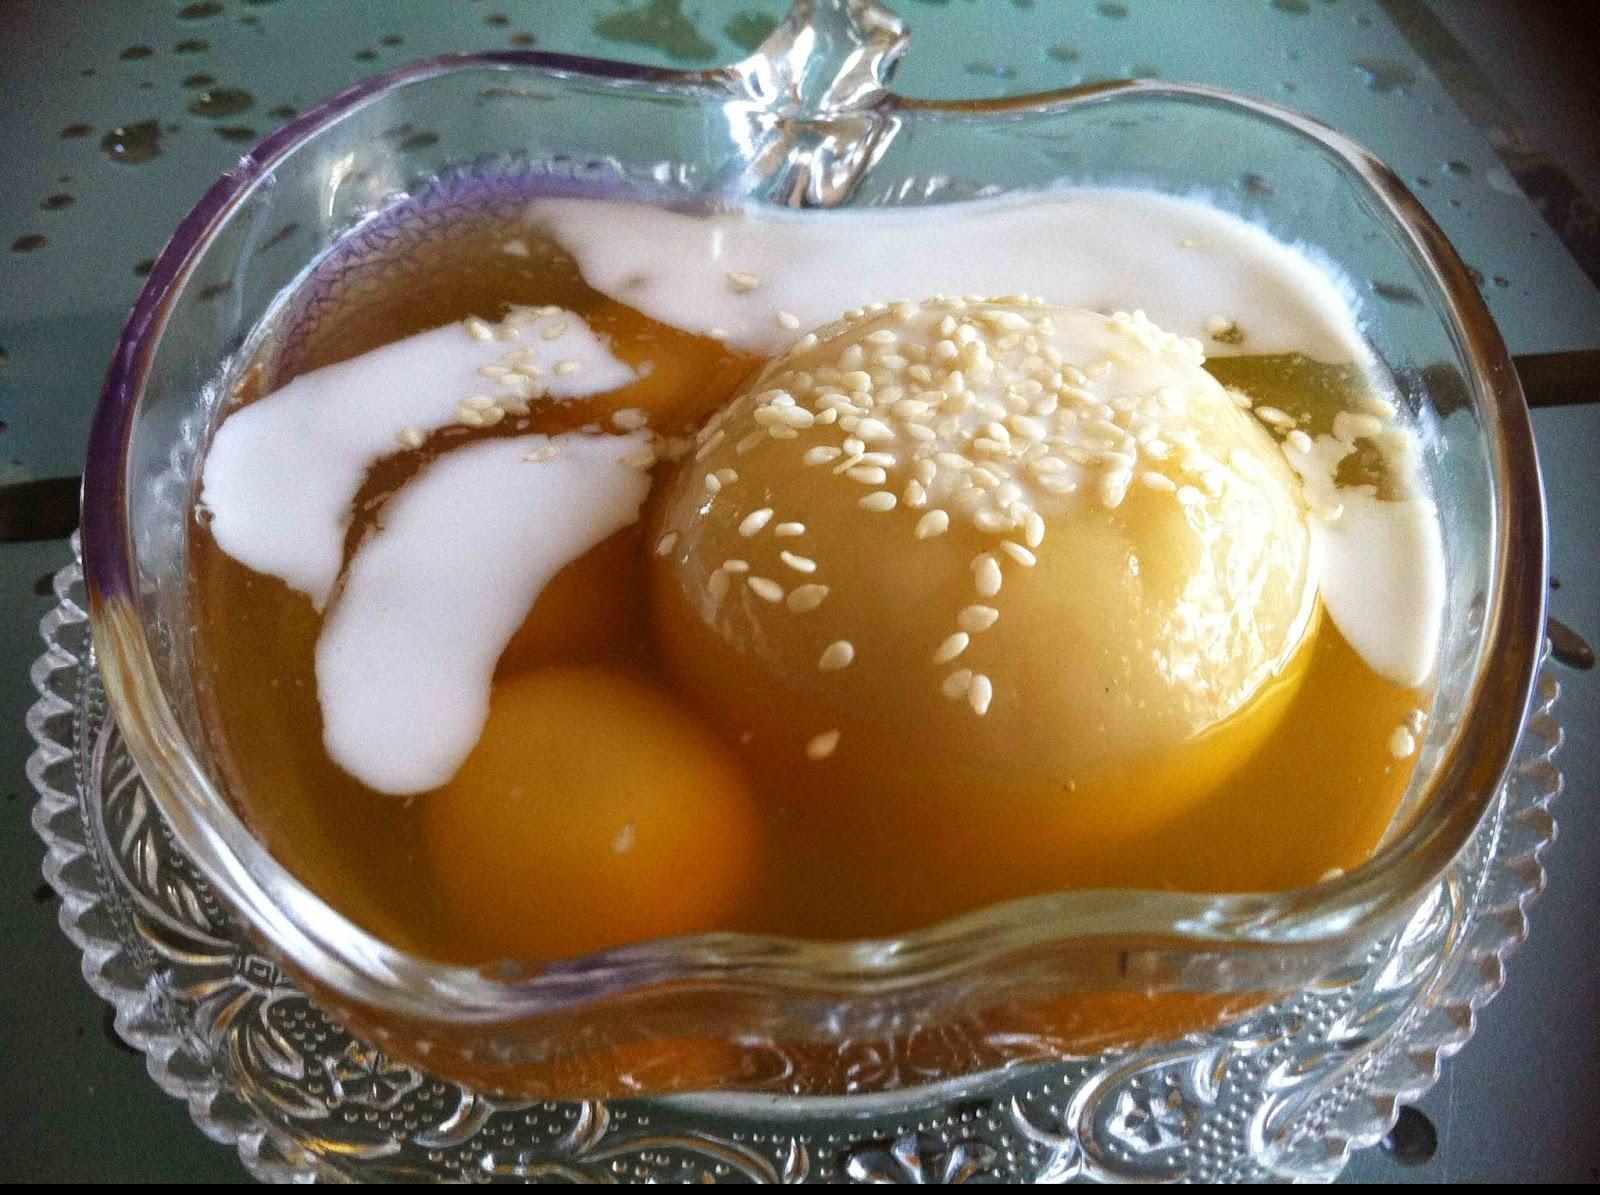 Bánh trôi nước ngon khi có vị cay ấm của gừng, vị thơm của bột nếp quyện với nhân đỗ xanh, vị bùi bùi của dừa nạo. Thích hợp ăn trong mùa rét